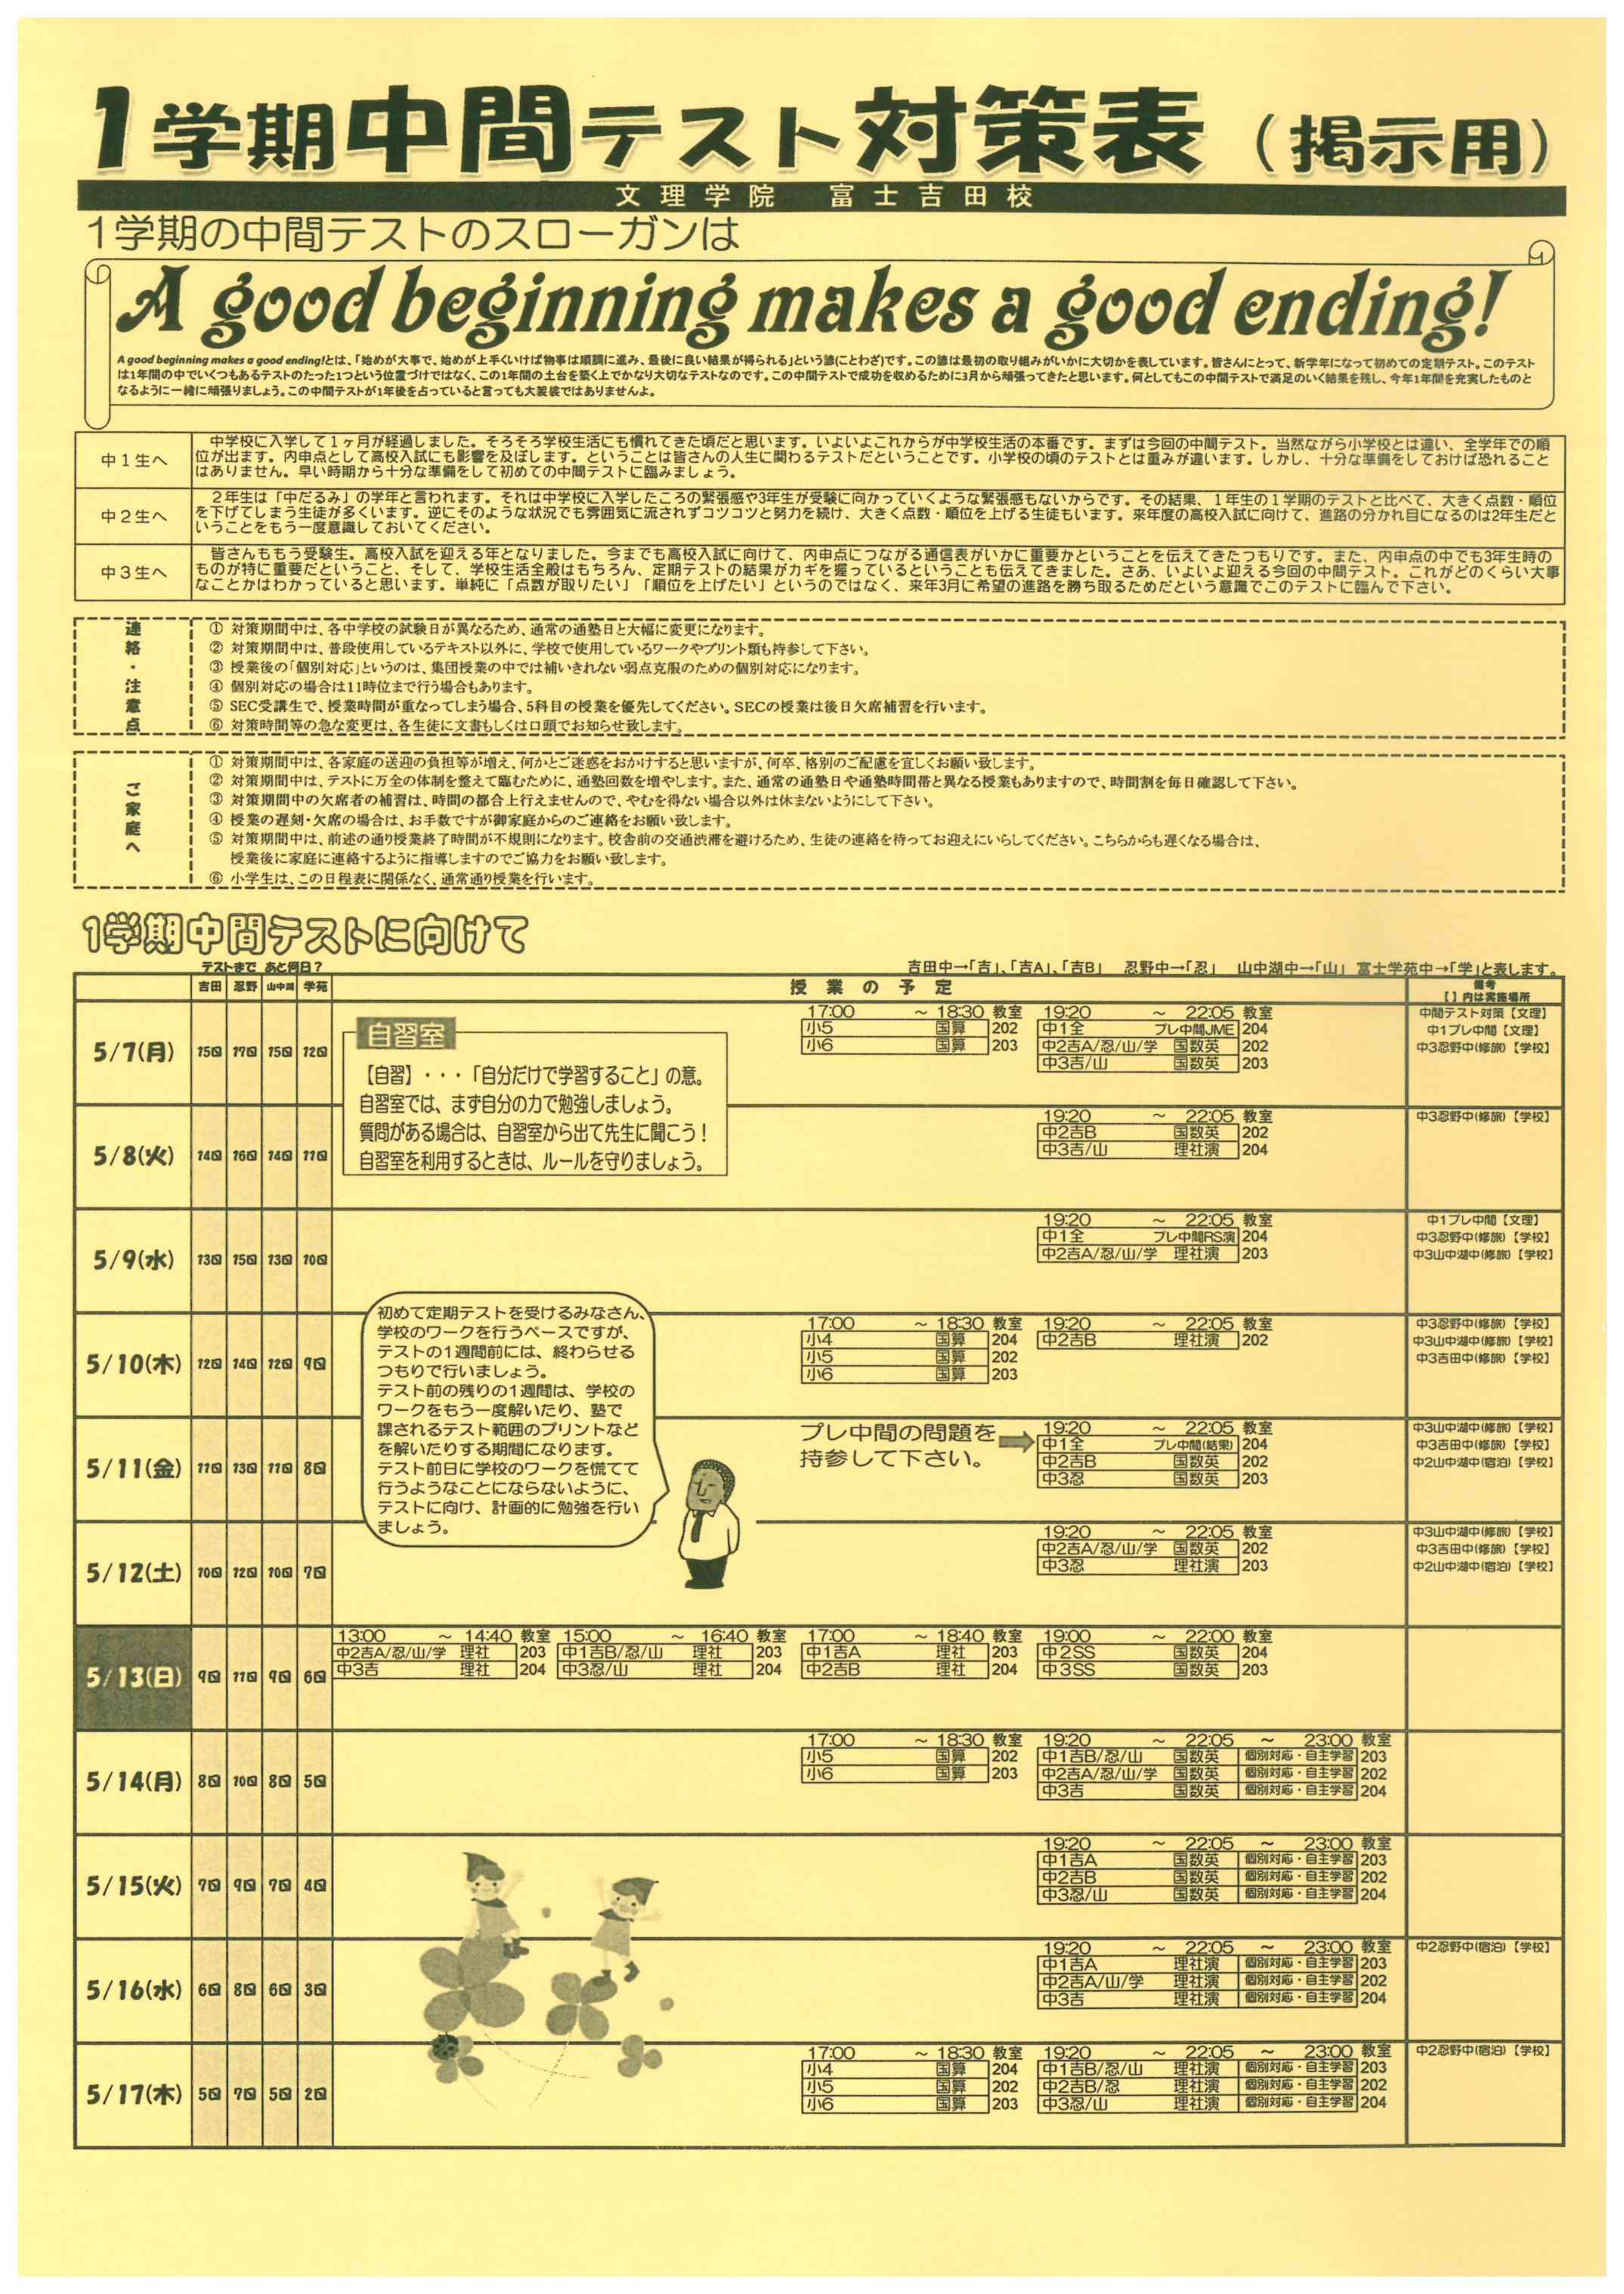 20180501 中間テスト対策表 (1)